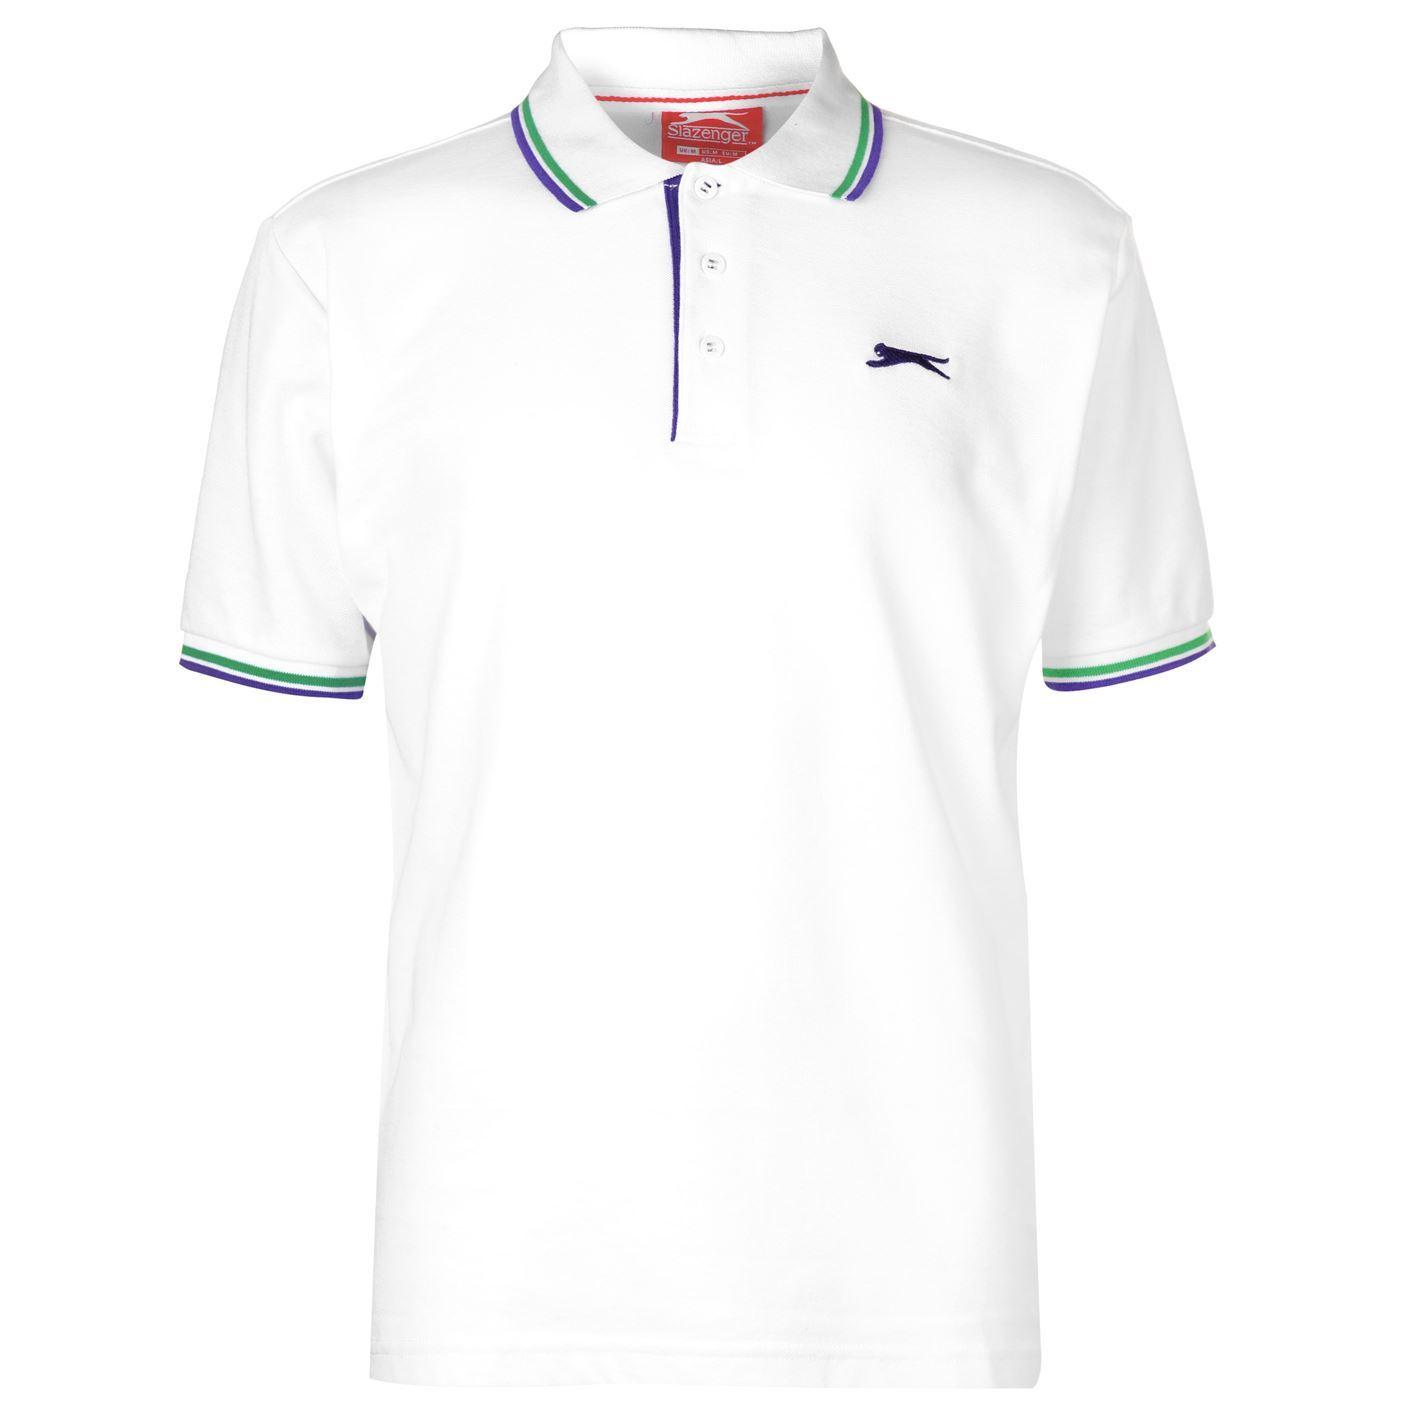 Slazenger-Polo-Camisa-de-hombre-con-cuello-con-Punta-T-Shirt-Top-Camiseta-Tee miniatura 86